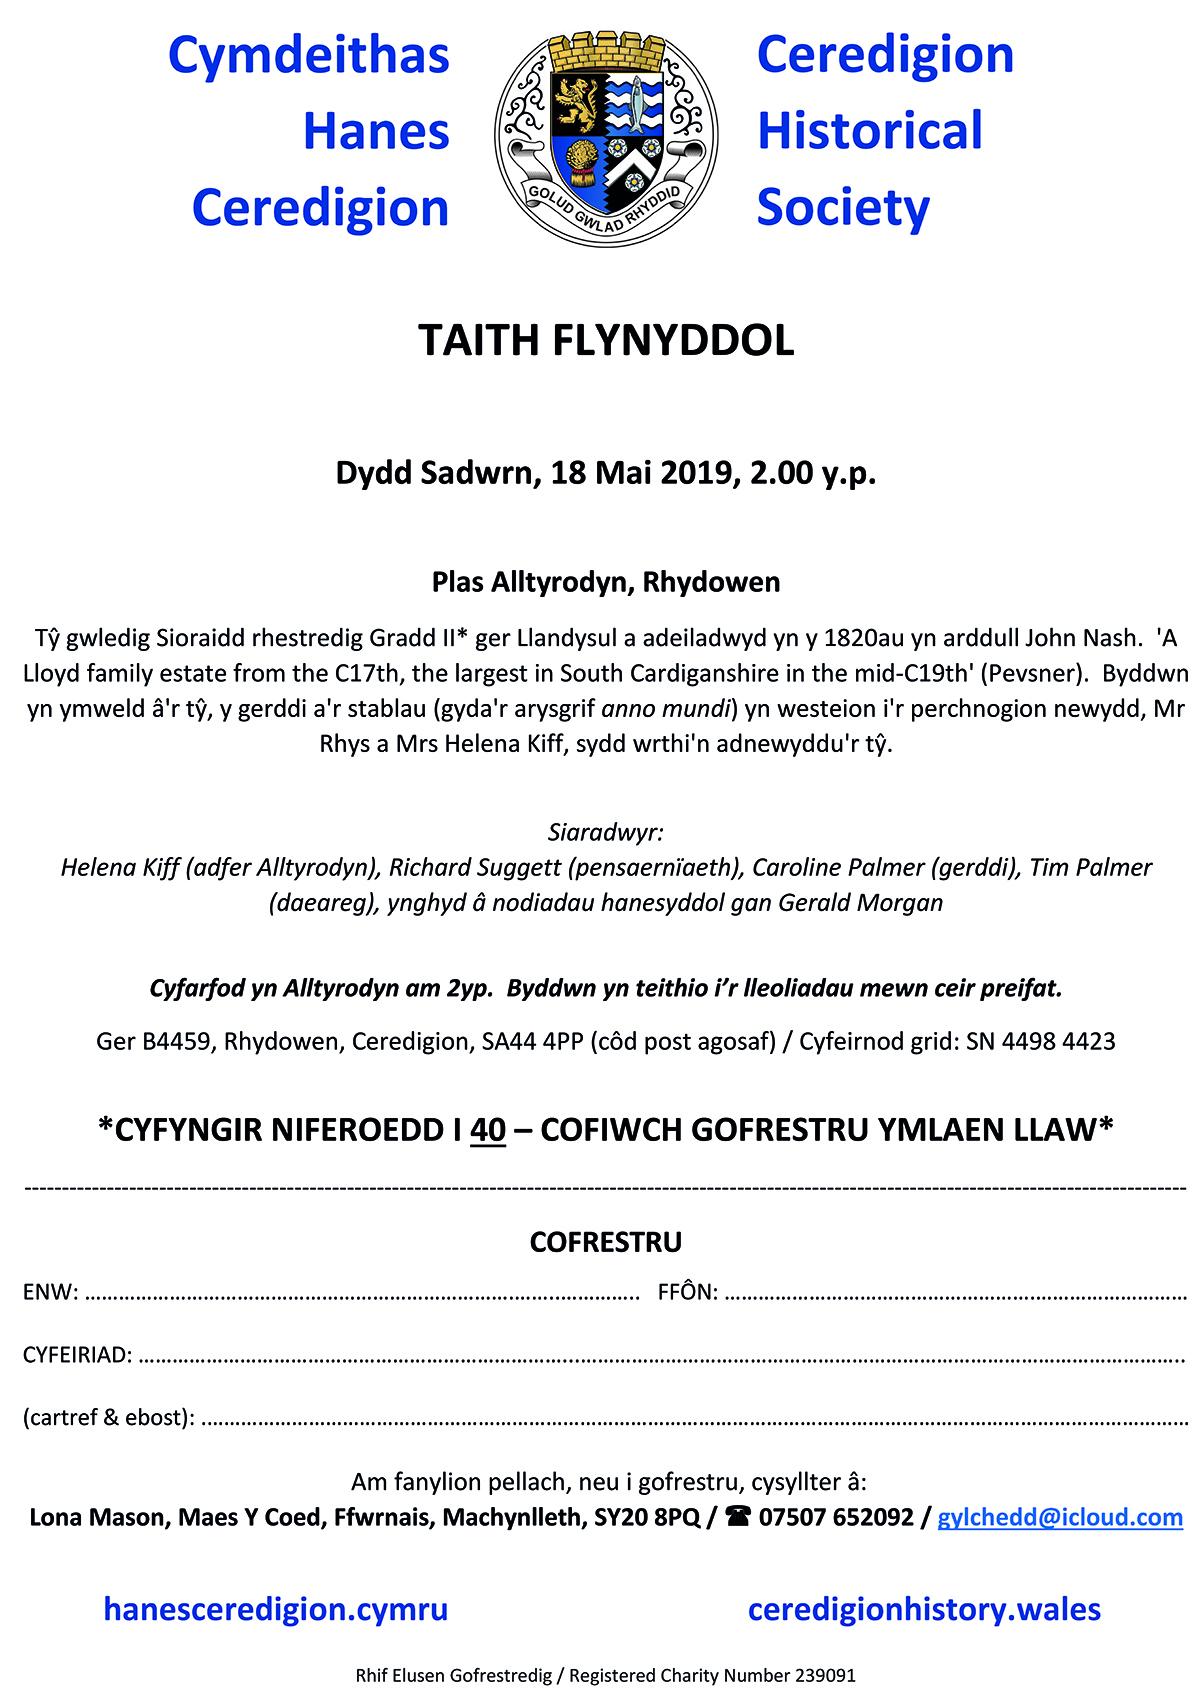 Poster: Plas Alltyrodyn, Rhydowen, Llandysul - 2019 Taith Flynyddol